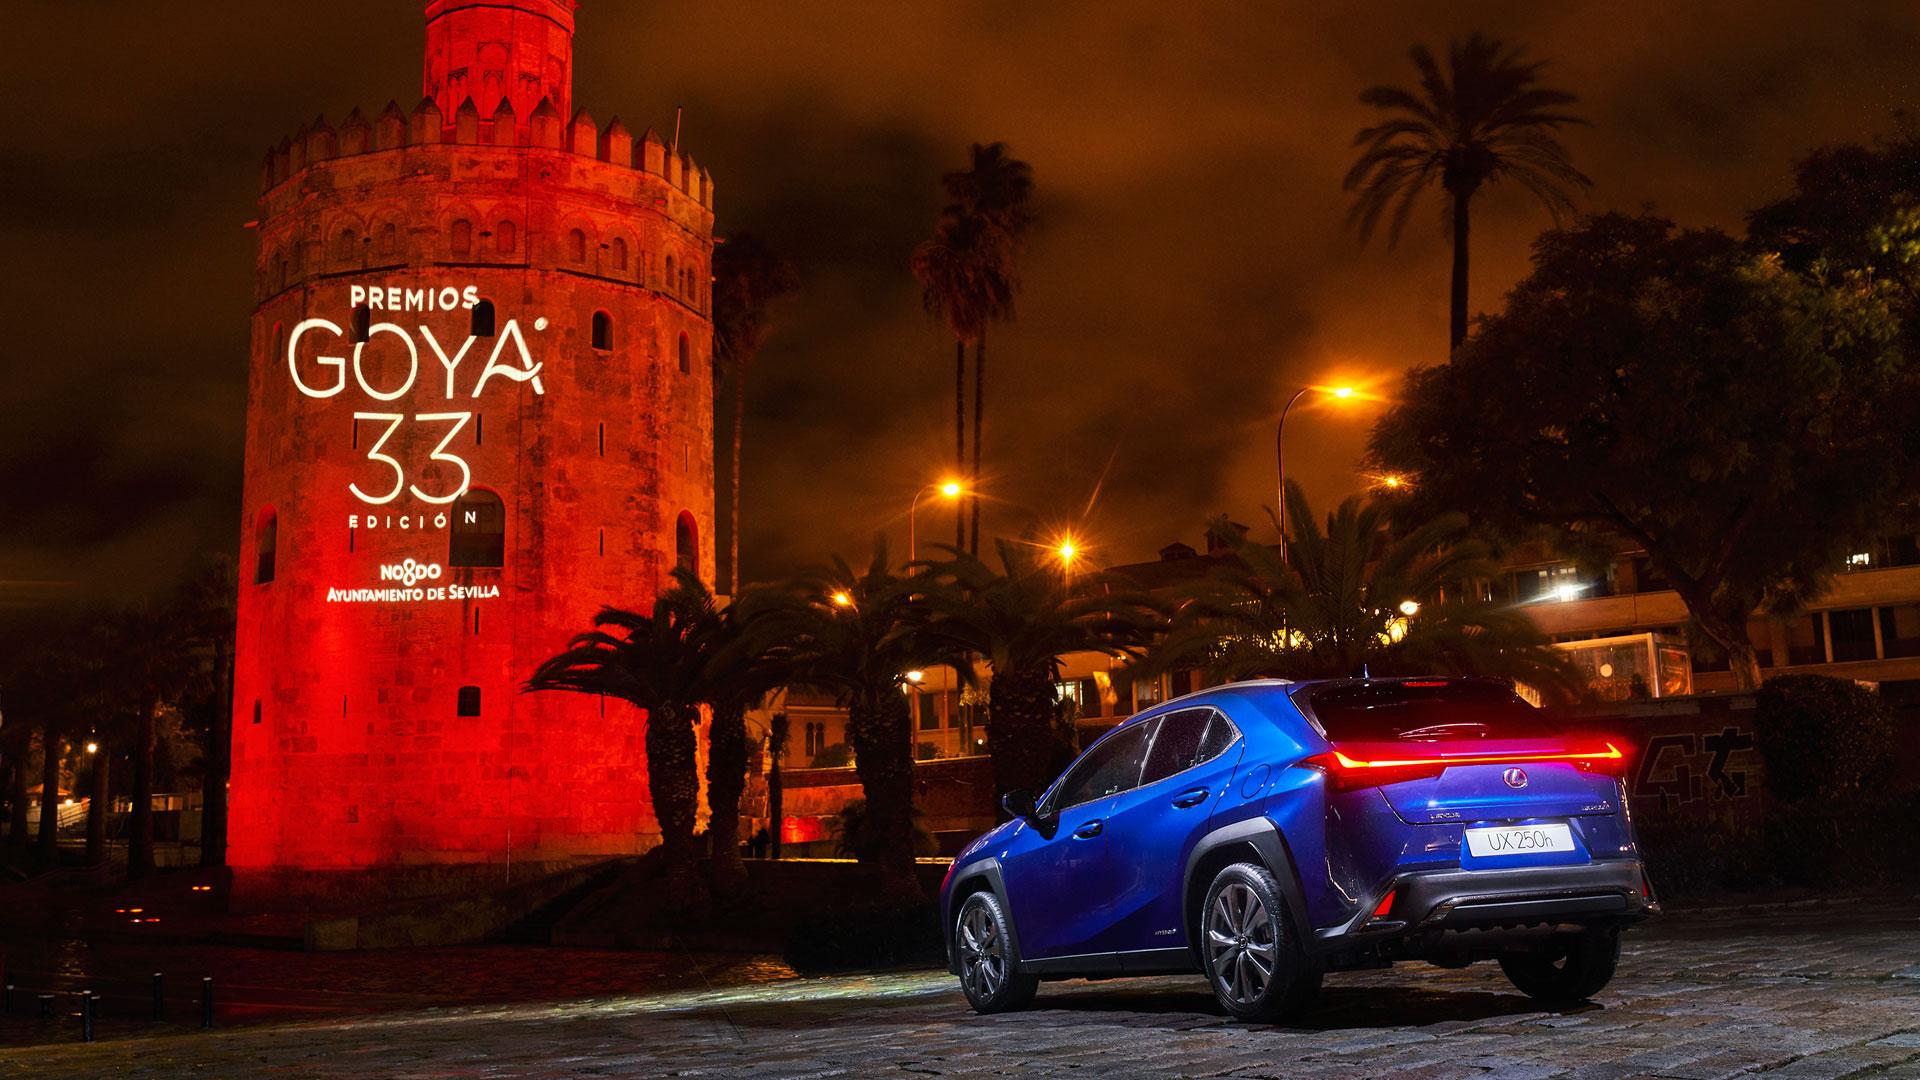 Imagen del UX 250h delante de la Torre del Oro en Sevilla